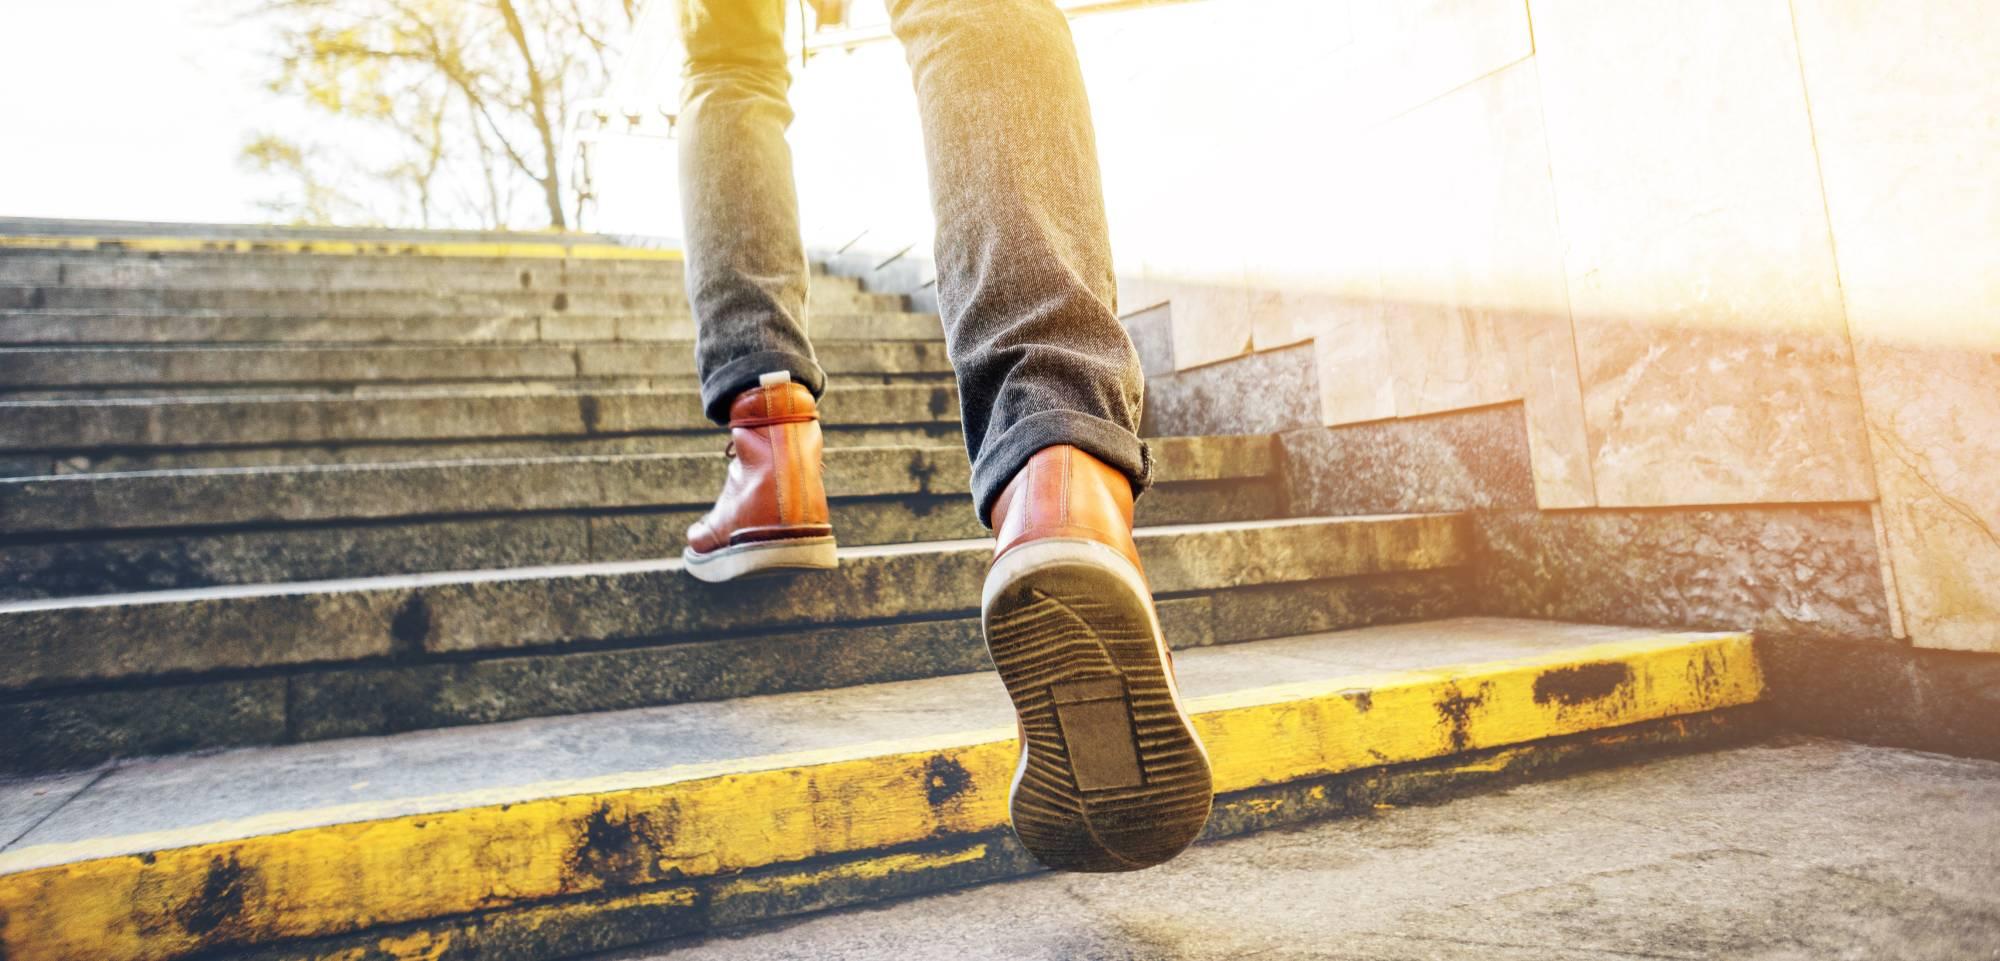 Почему не переодевают уличную обувь дома